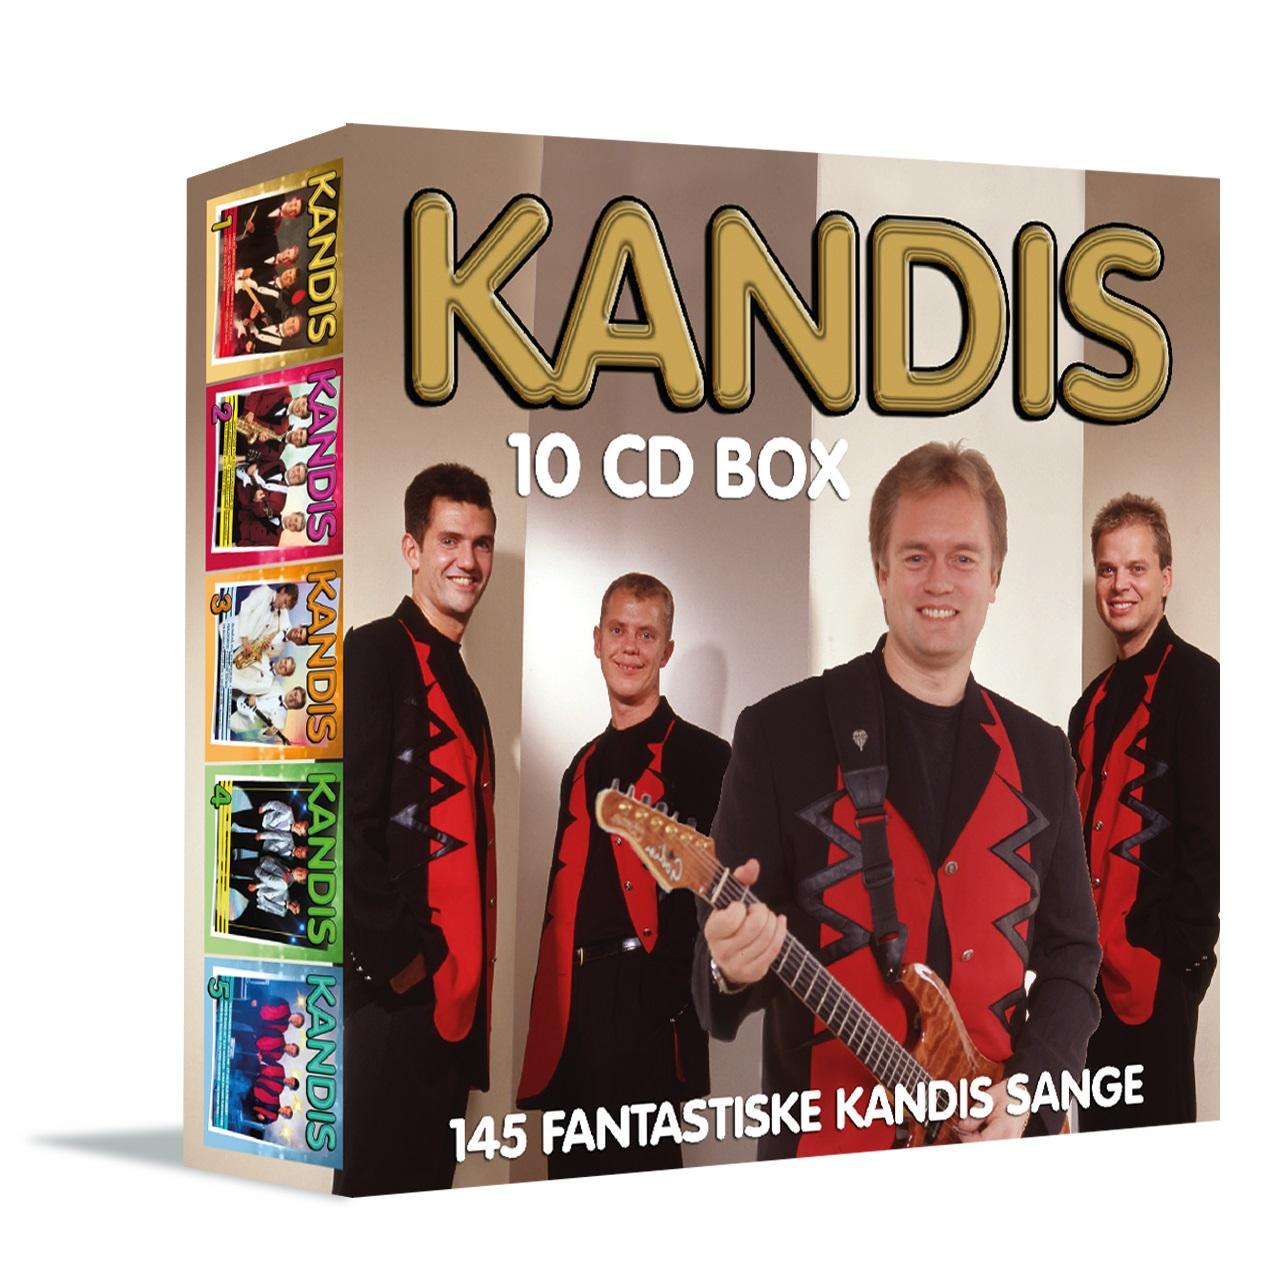 Kandis 10 CD Box - KANDIS - Musik -  - 5709165616020 - 2/4-2020